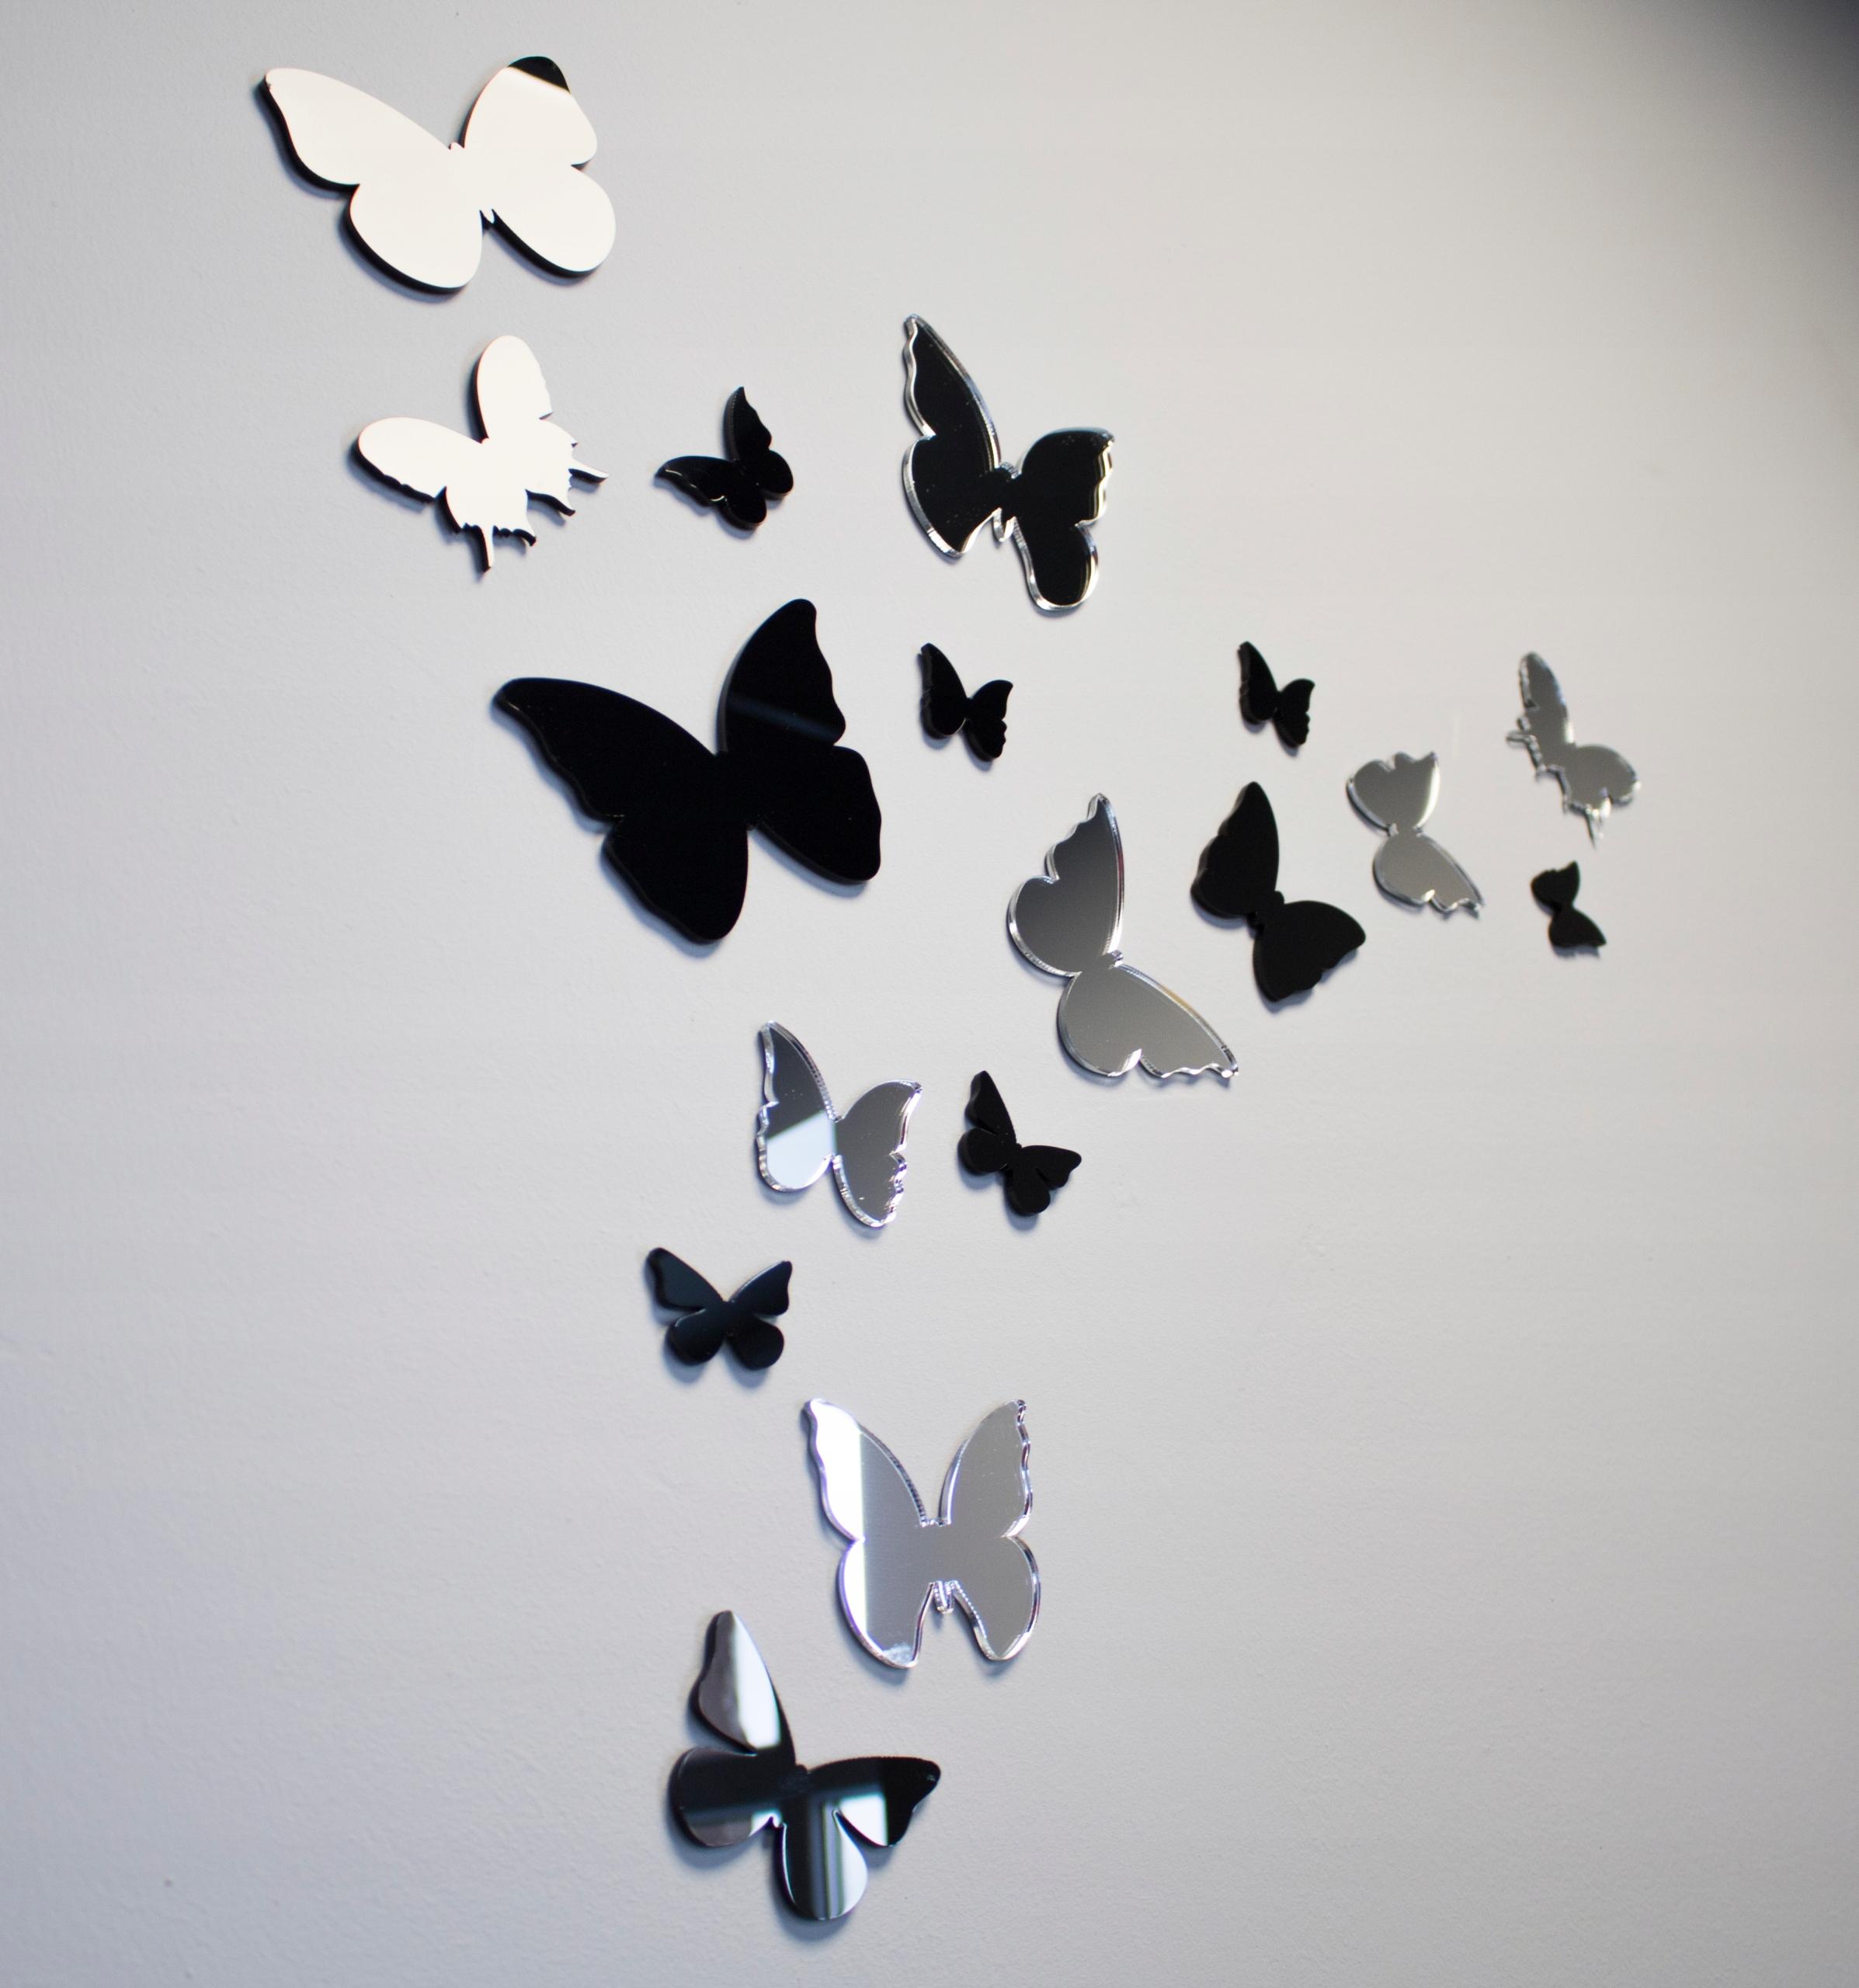 Бабочки на стену: трафареты для создания своими руками